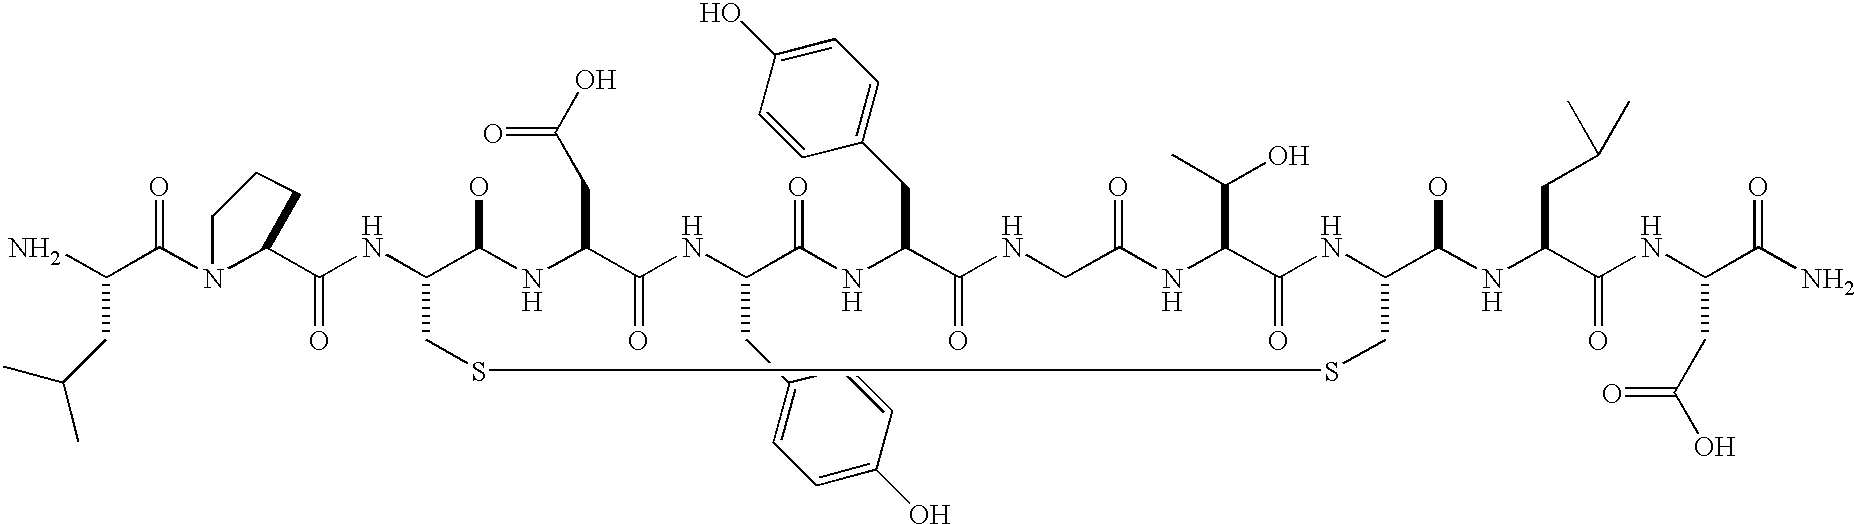 Figure US20030180222A1-20030925-C00133